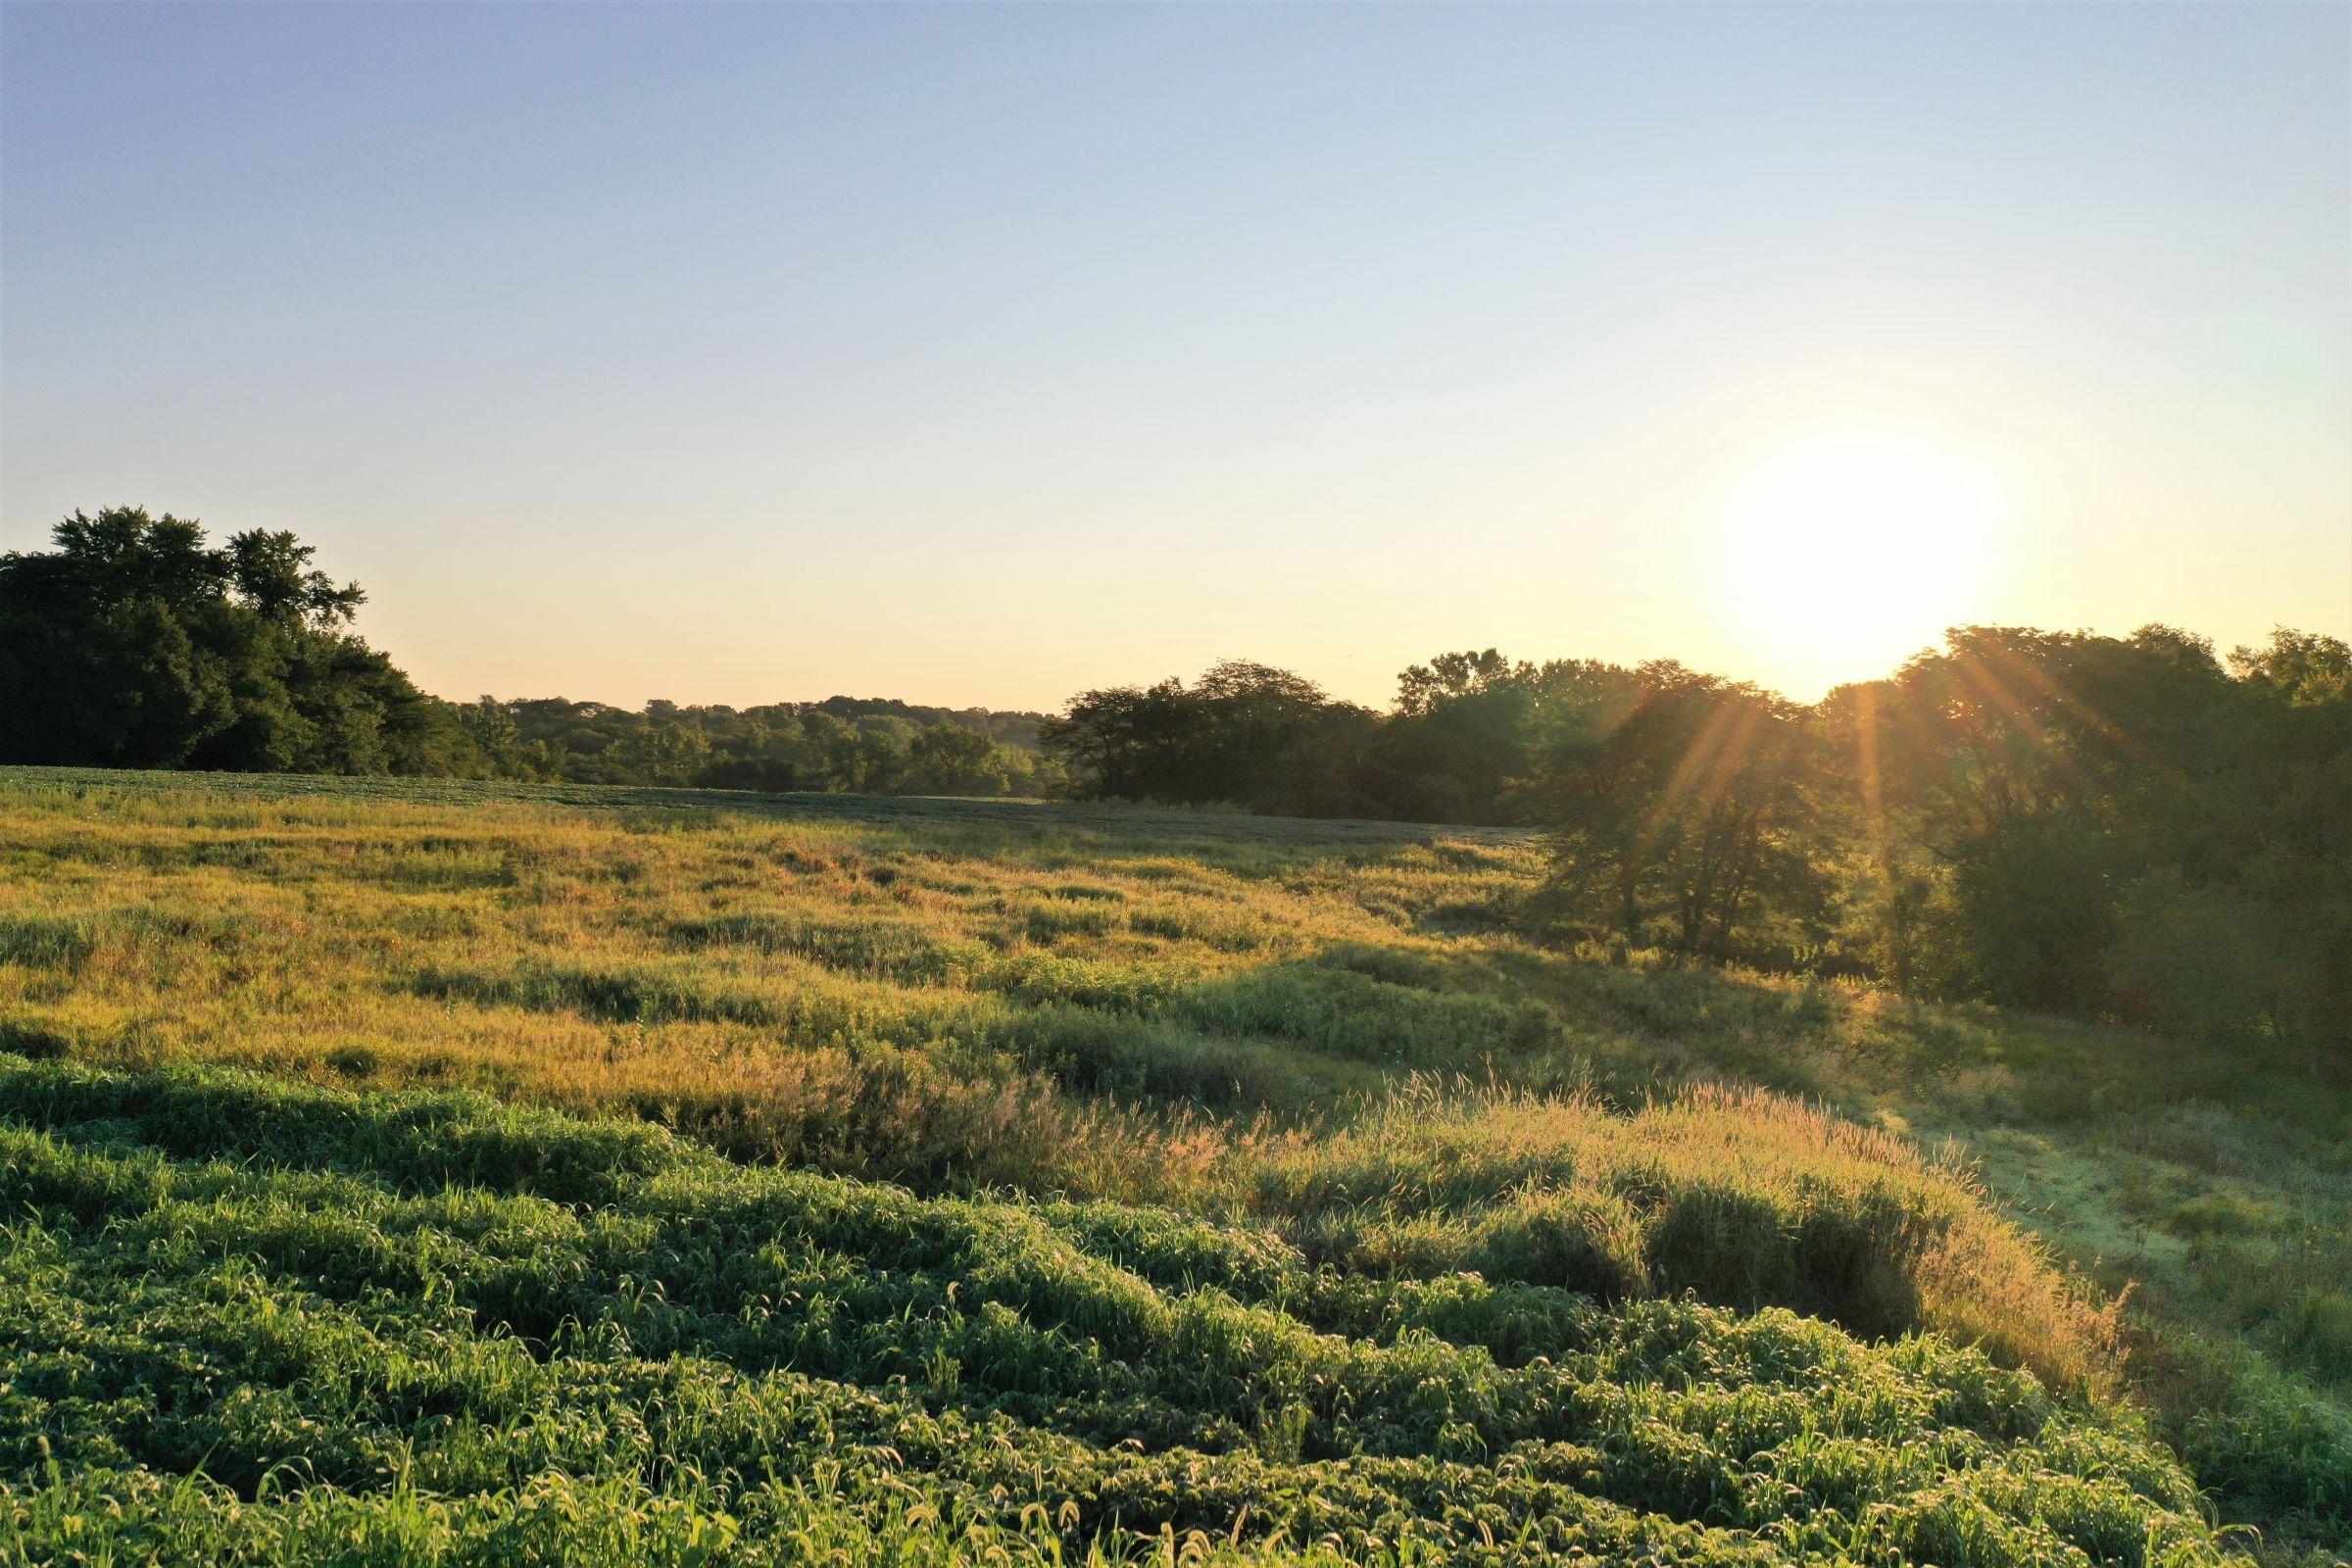 warren-county-iowa-40-acres-listing-number-15145-5-2020-08-28-144302.jpg